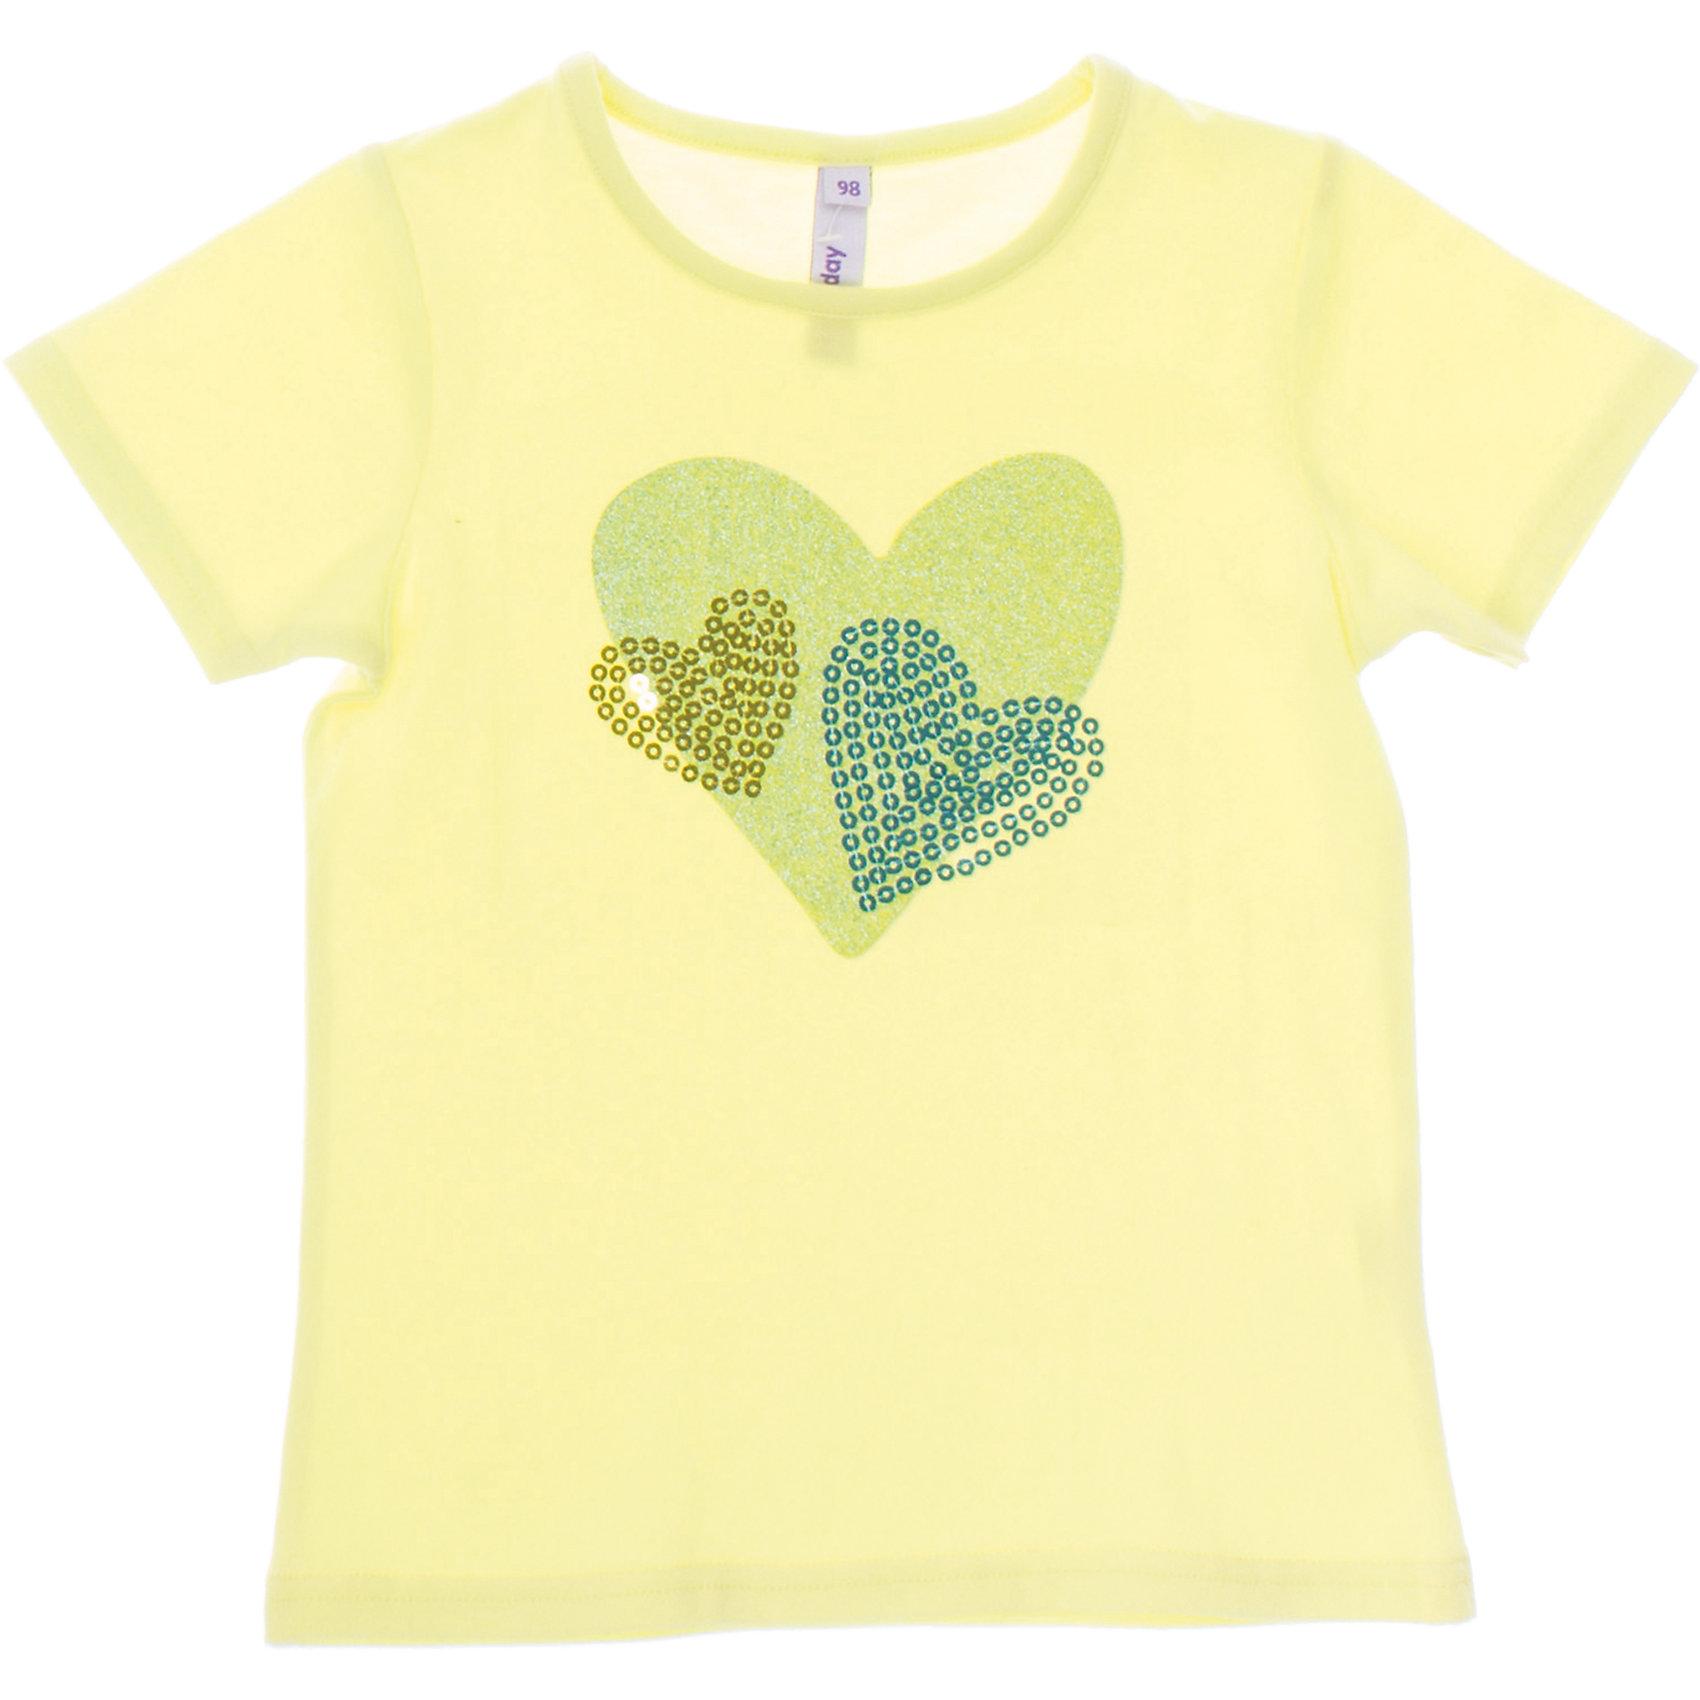 Футболка для девочки PlayTodayФутболка для девочки PlayToday <br><br>Состав: 95% хлопок, 5% эластан <br><br>Яркий лимонный цвет<br>Украшена сердечками из глиттера и пайеток<br><br>Ширина мм: 199<br>Глубина мм: 10<br>Высота мм: 161<br>Вес г: 151<br>Цвет: разноцветный<br>Возраст от месяцев: 60<br>Возраст до месяцев: 72<br>Пол: Женский<br>Возраст: Детский<br>Размер: 110,116,122,128,98,104<br>SKU: 4502025